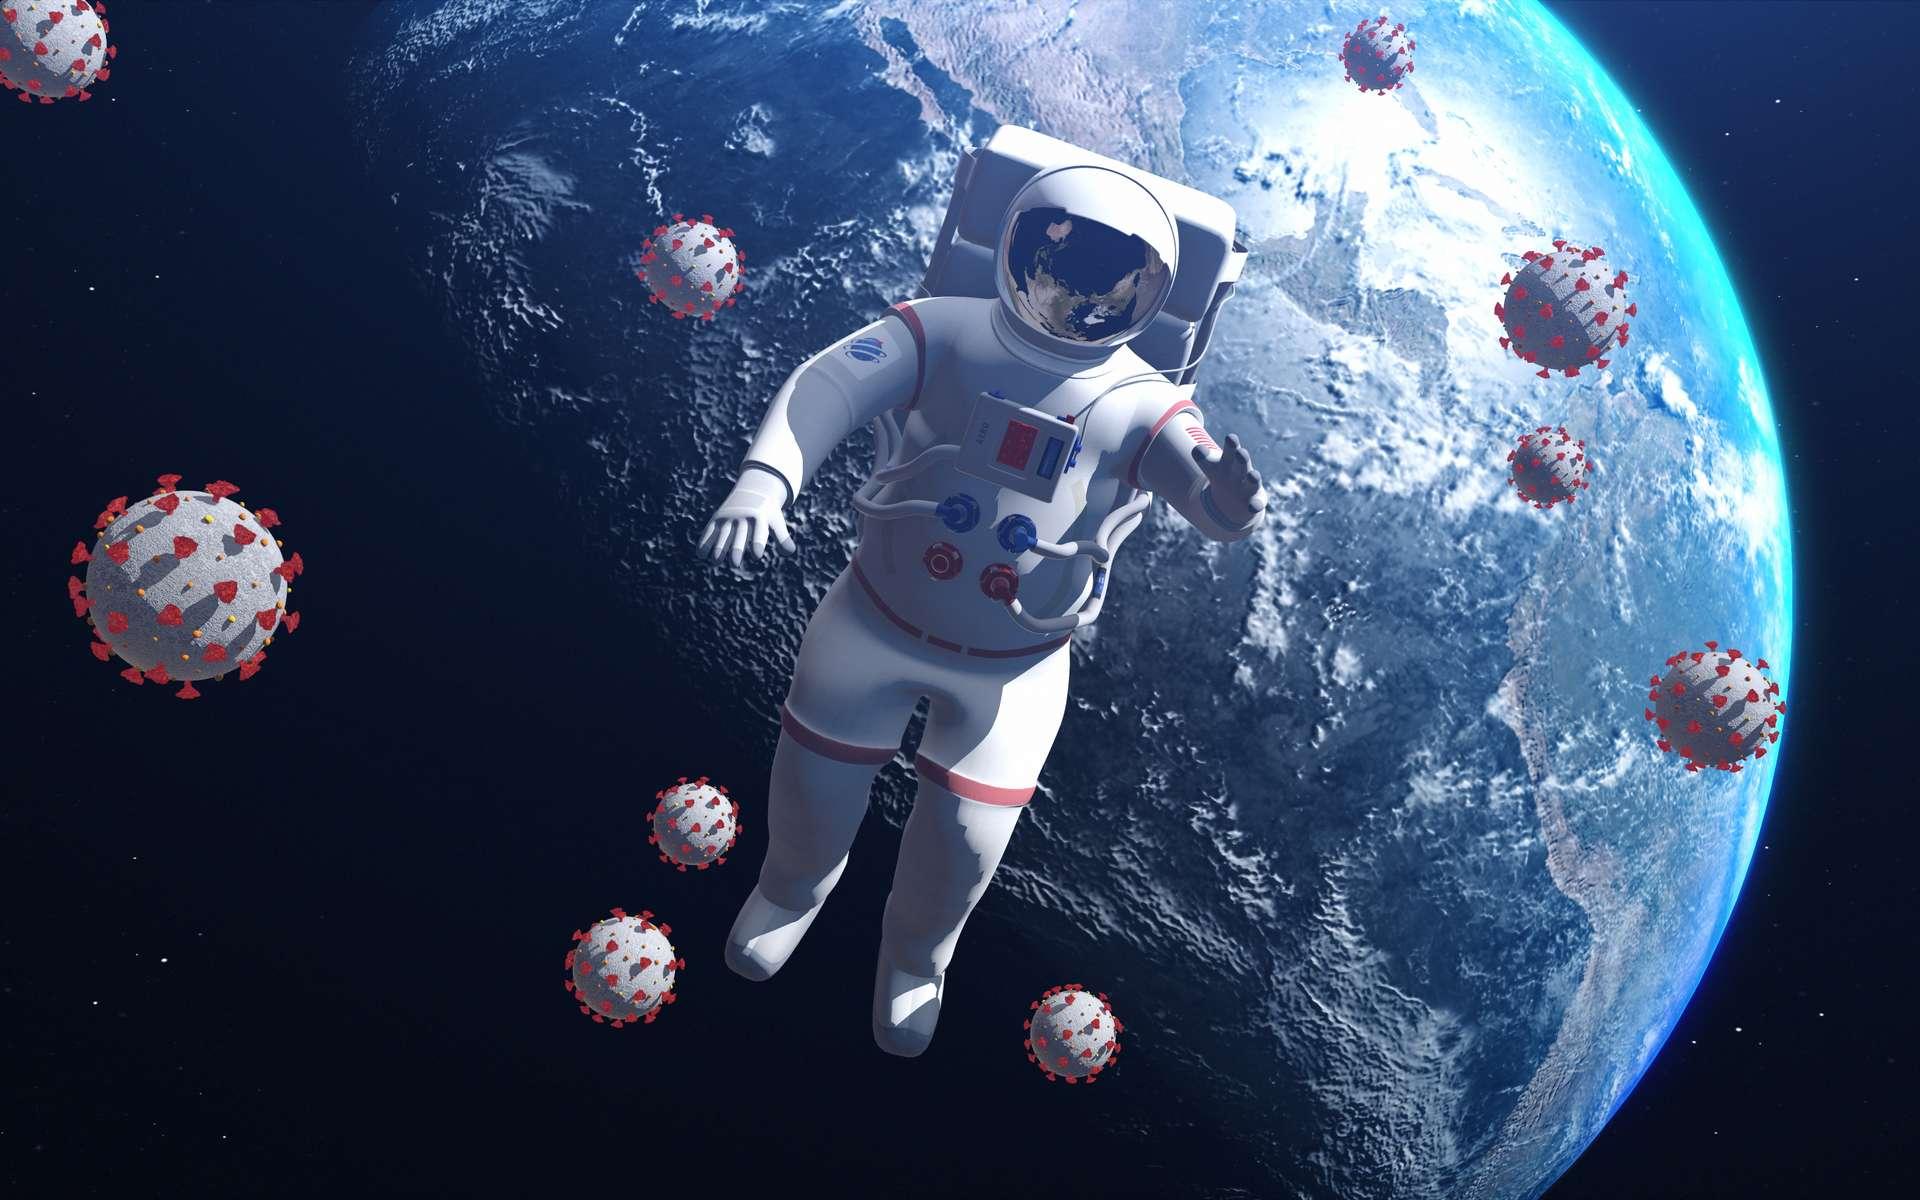 La microgravité diminue la réponse immunitaire des astronautes, laissant aux pathogènes plus de libertés pour se multiplier. © Yucel Yilmaz, Adobe Stock